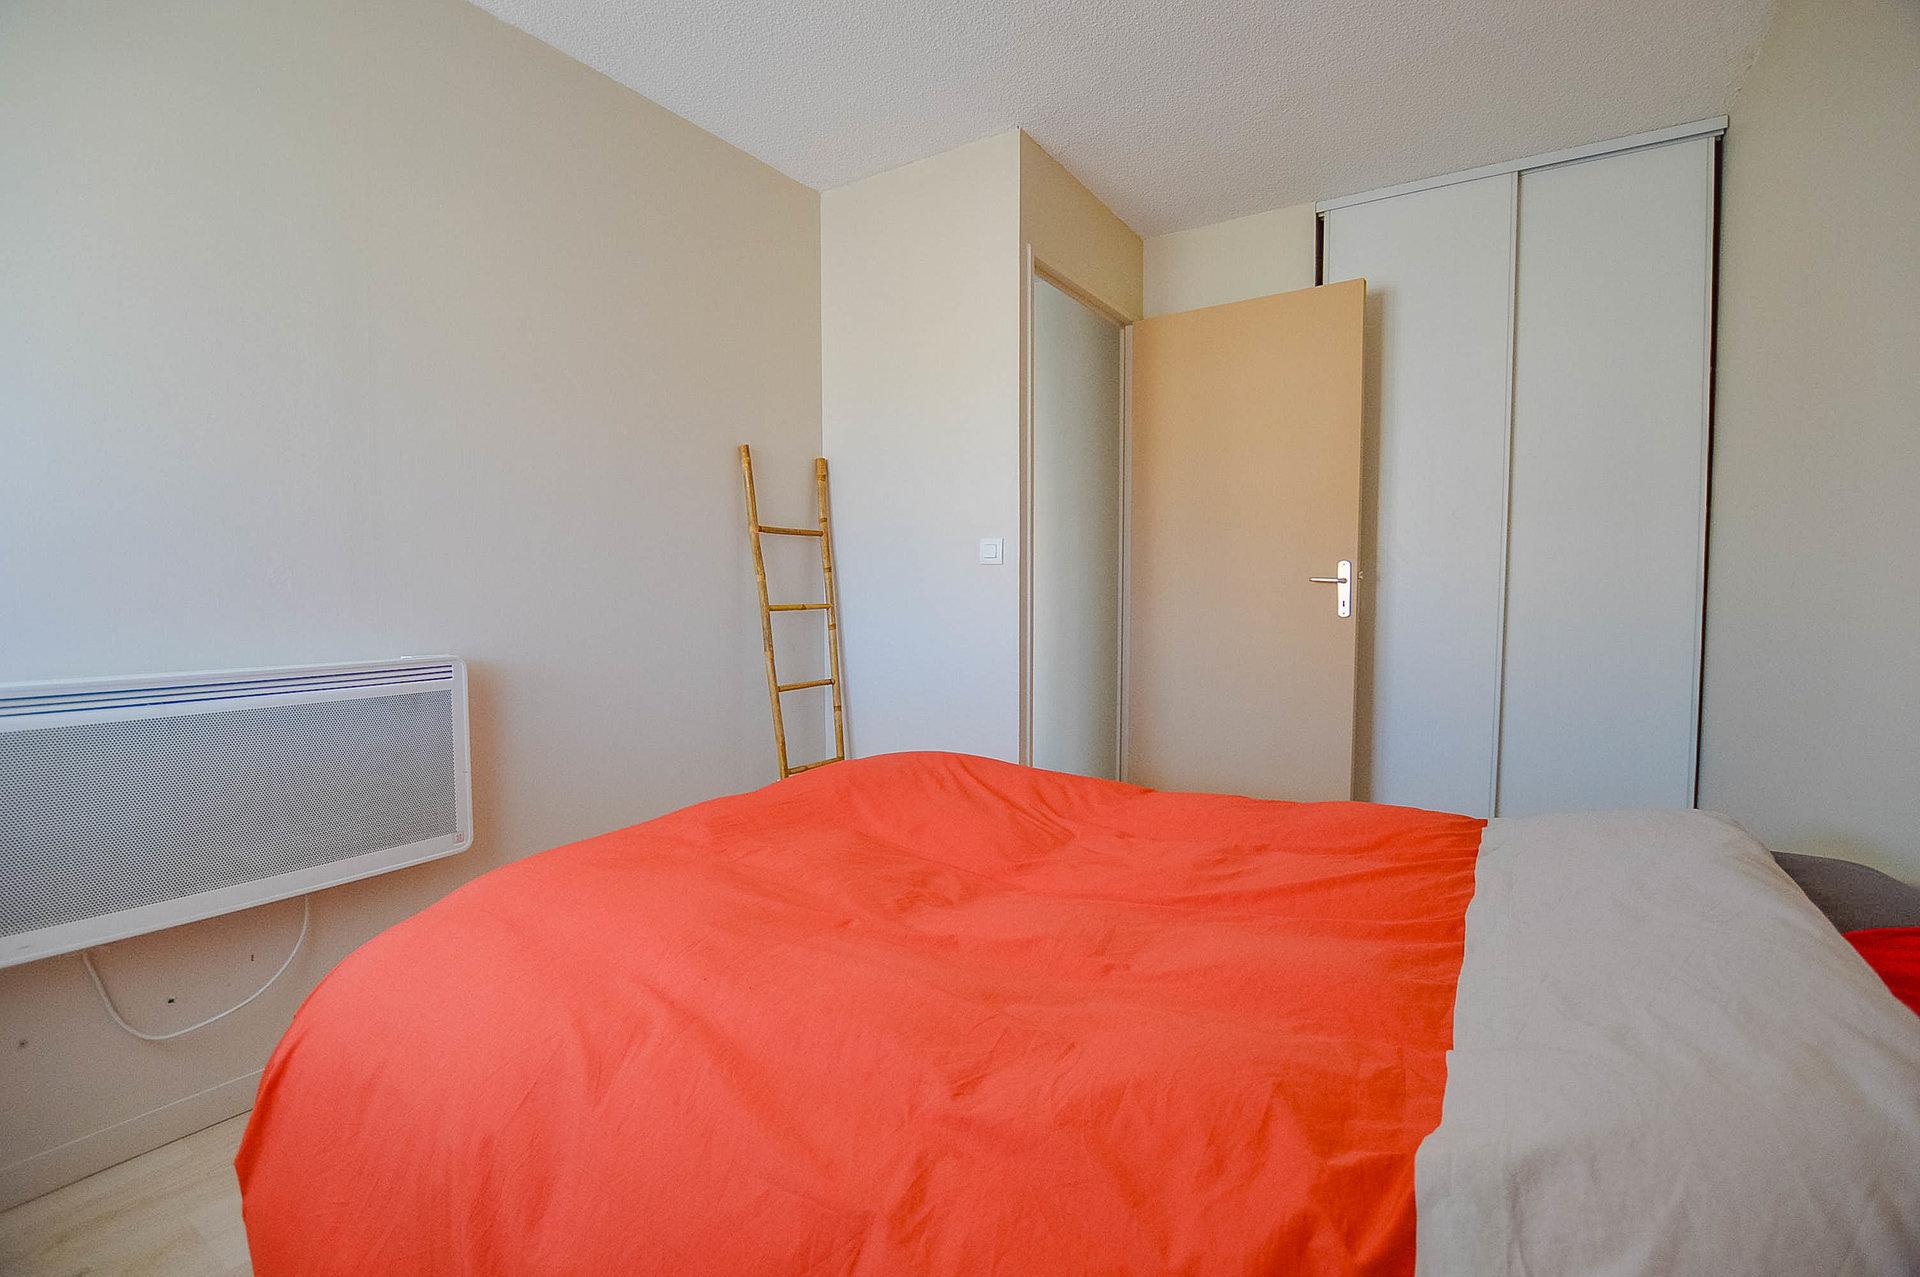 Appartement T2 résidence sécurisée Montpellier